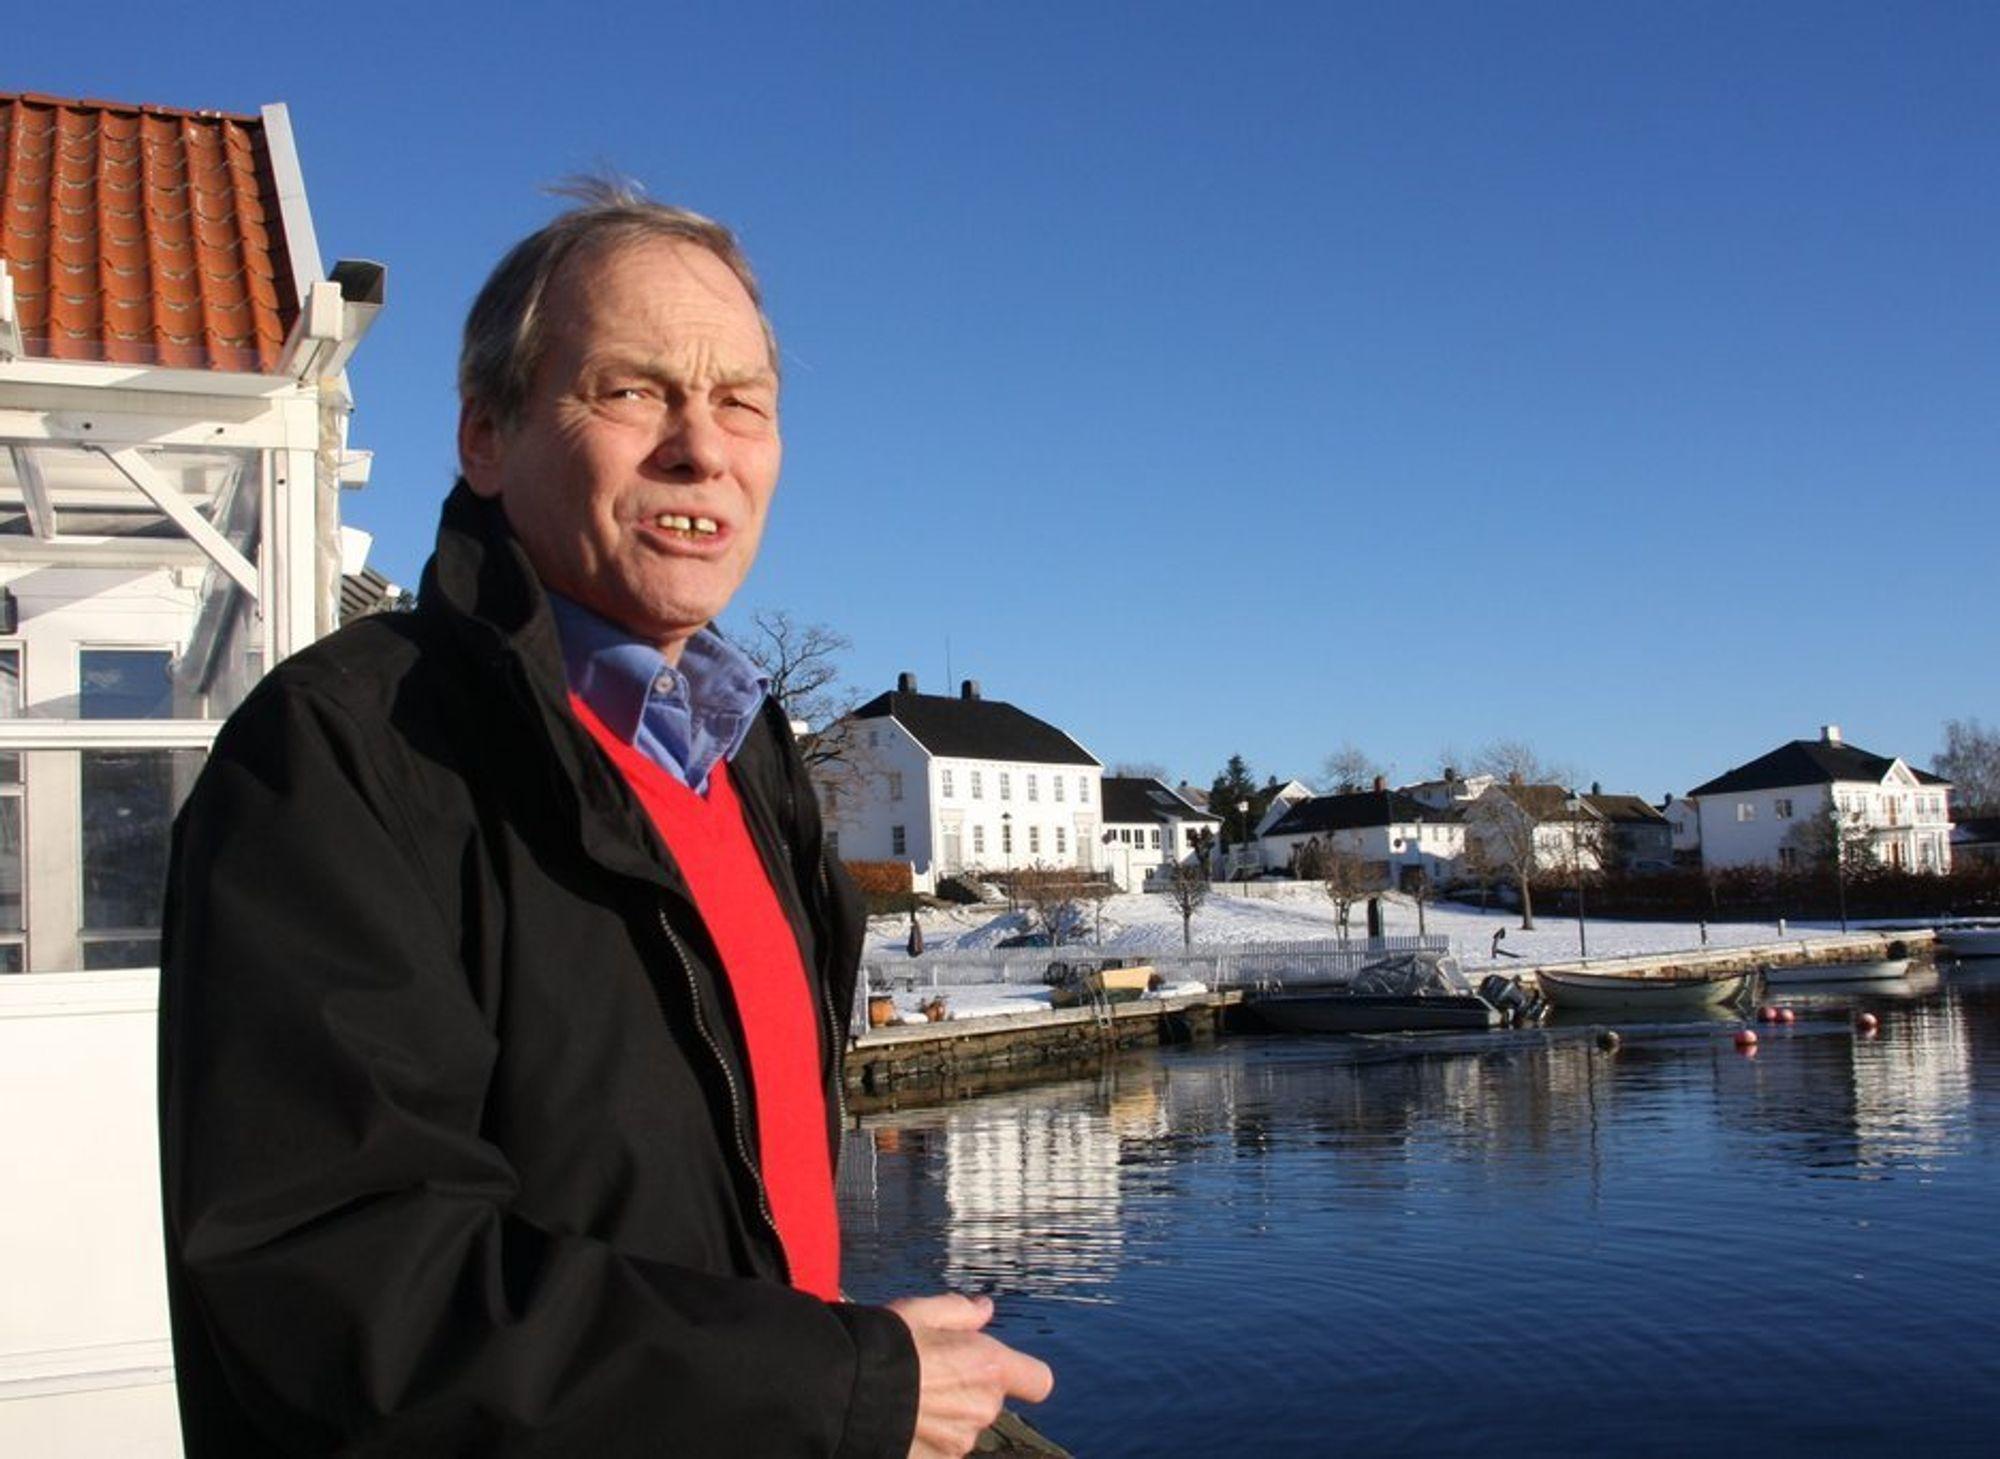 Post- og teletilsynsdirektør Willy Jensen har sagt ja til den nyopprettede stillingen som telekområd for Norge i Brüssel.